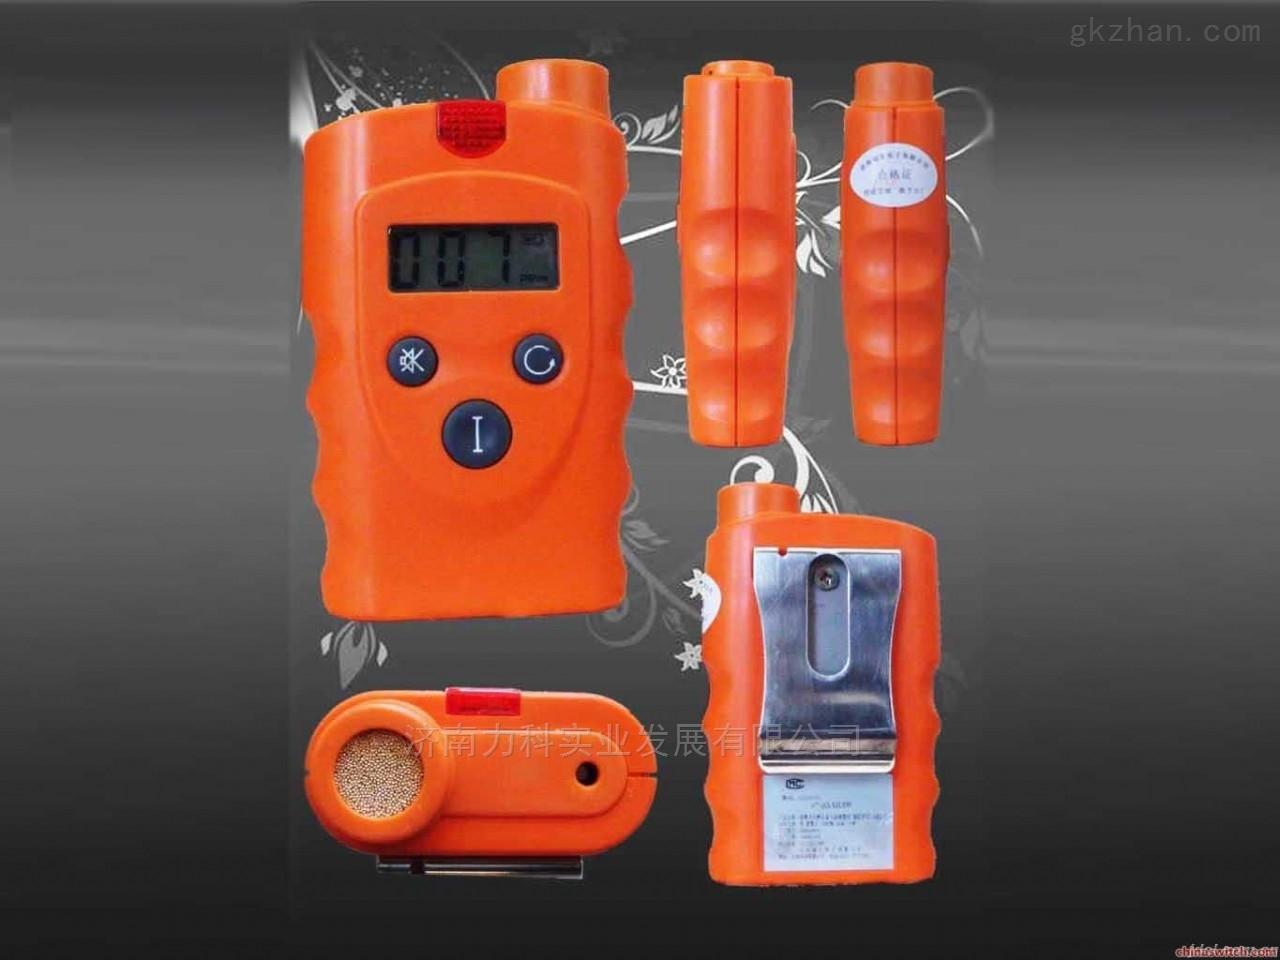 直销便携式瓦斯检测仪|甲烷浓度报警仪厂家